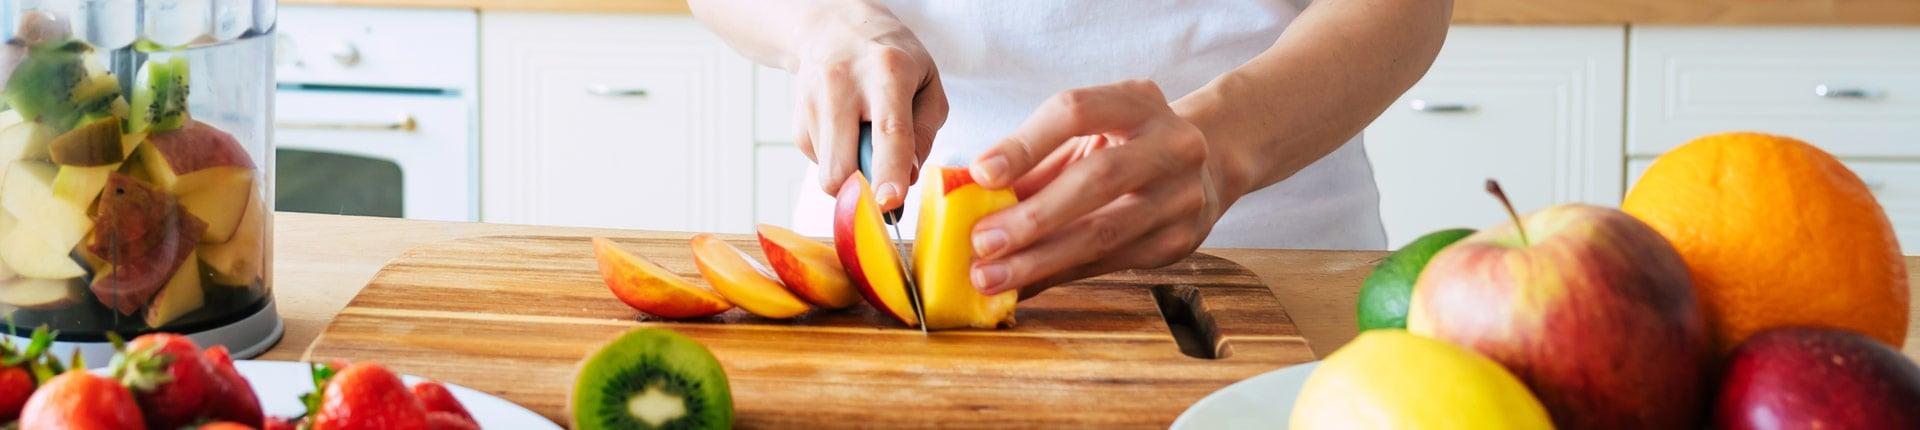 Czy owoce tuczą? Czy od owoców można przytyć?